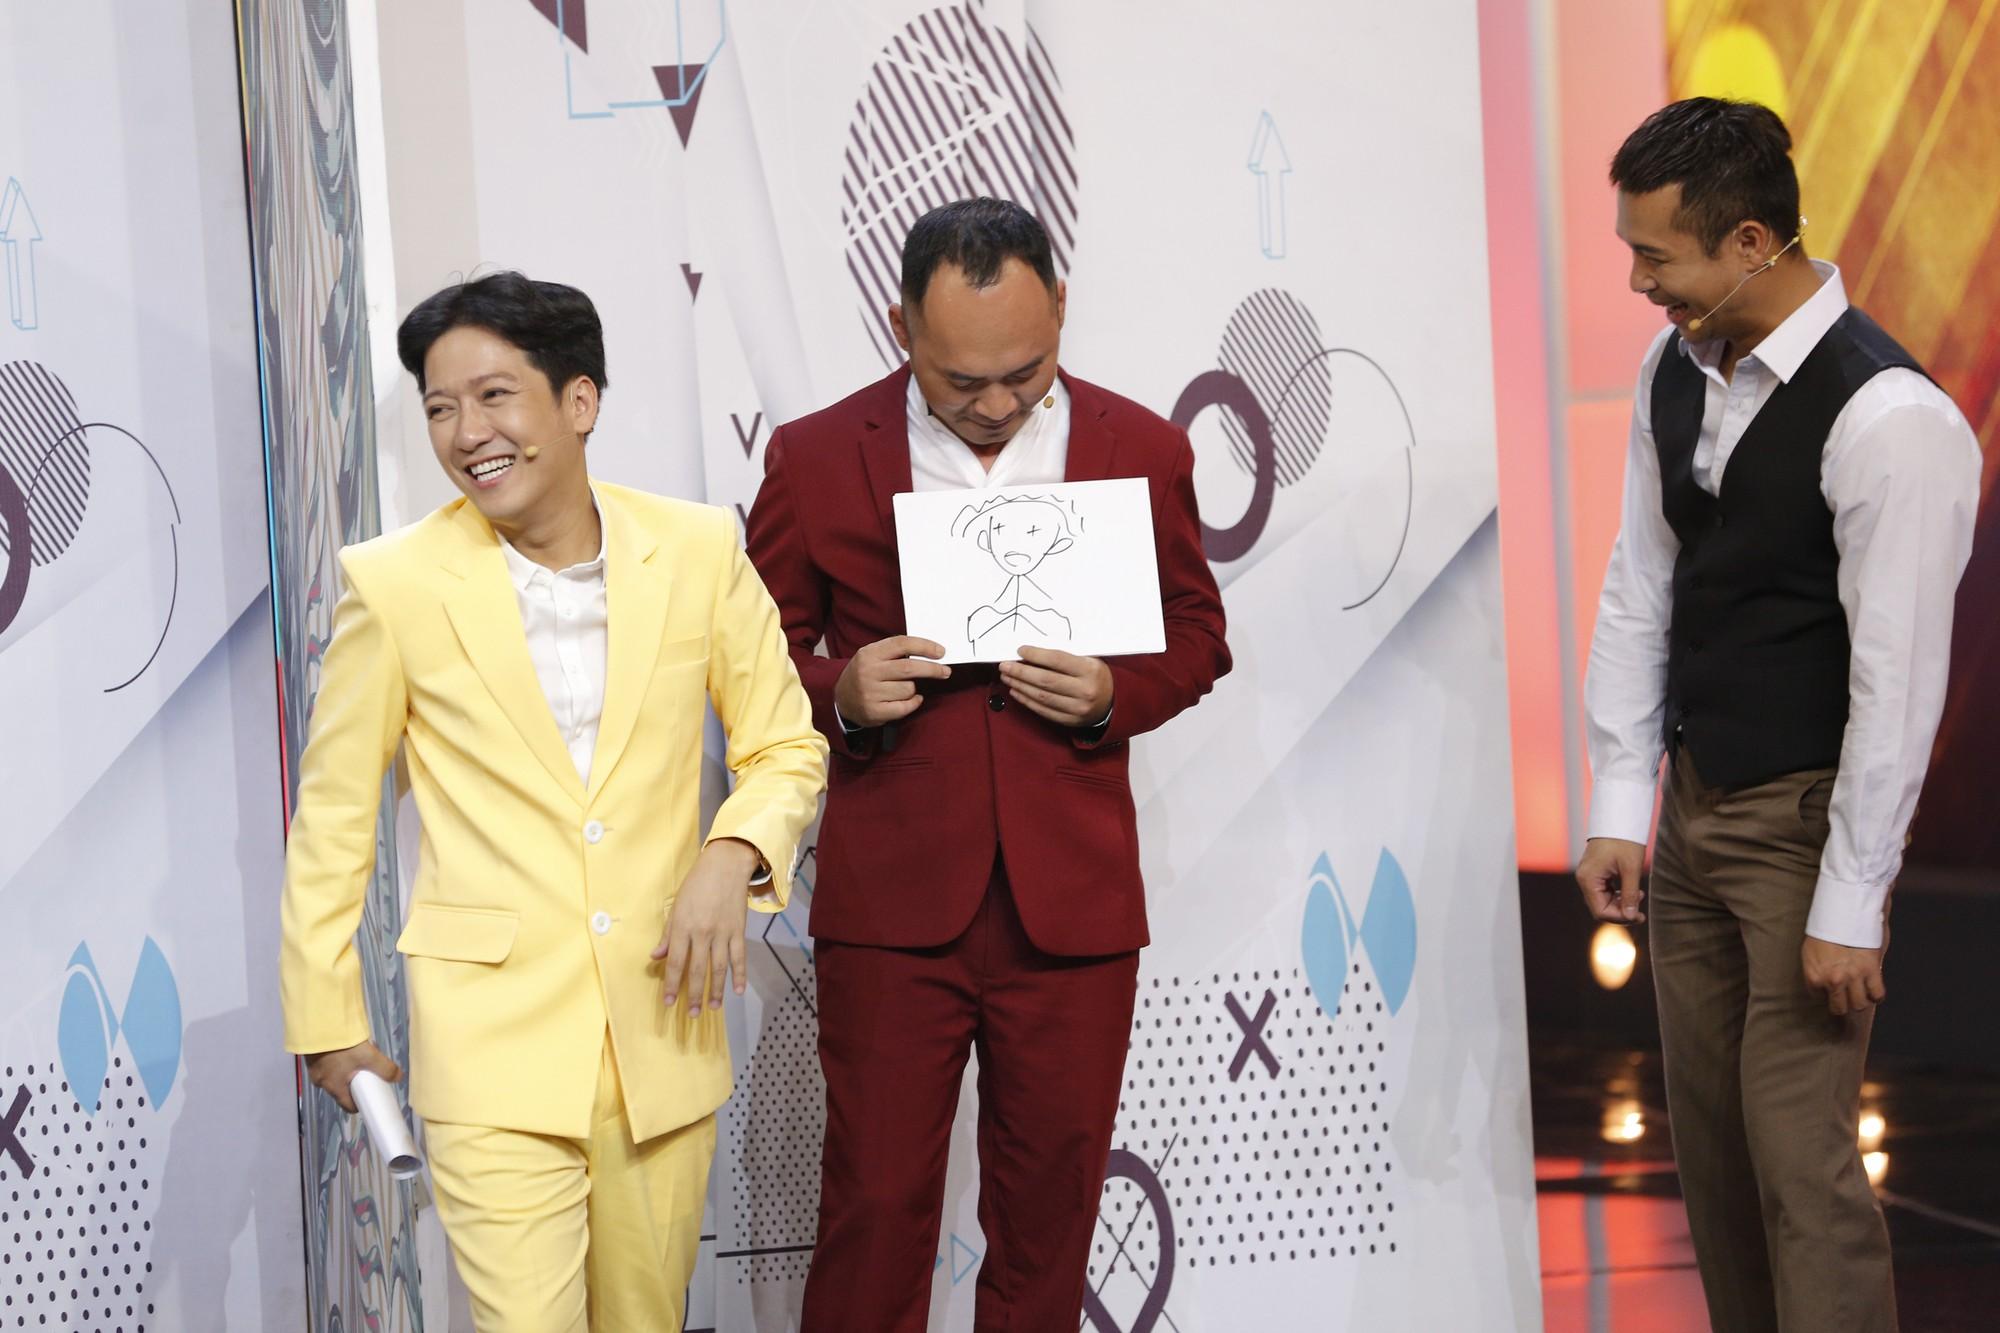 Trường Giang, Hari Won nghĩ gì về việc đi đám cưới của người yêu cũ? - Ảnh 6.